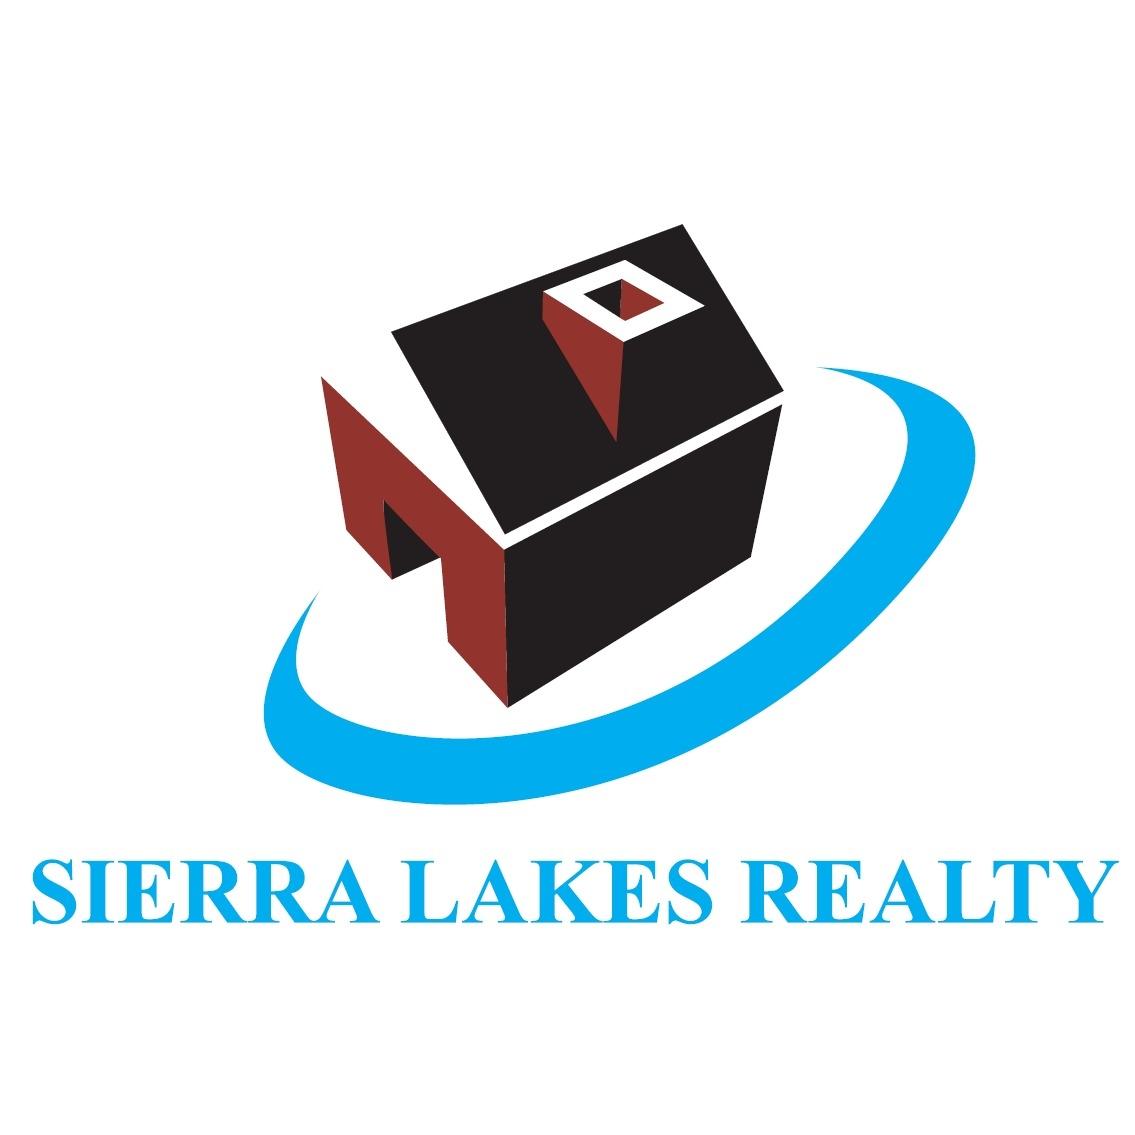 Sierra Lakes Realty